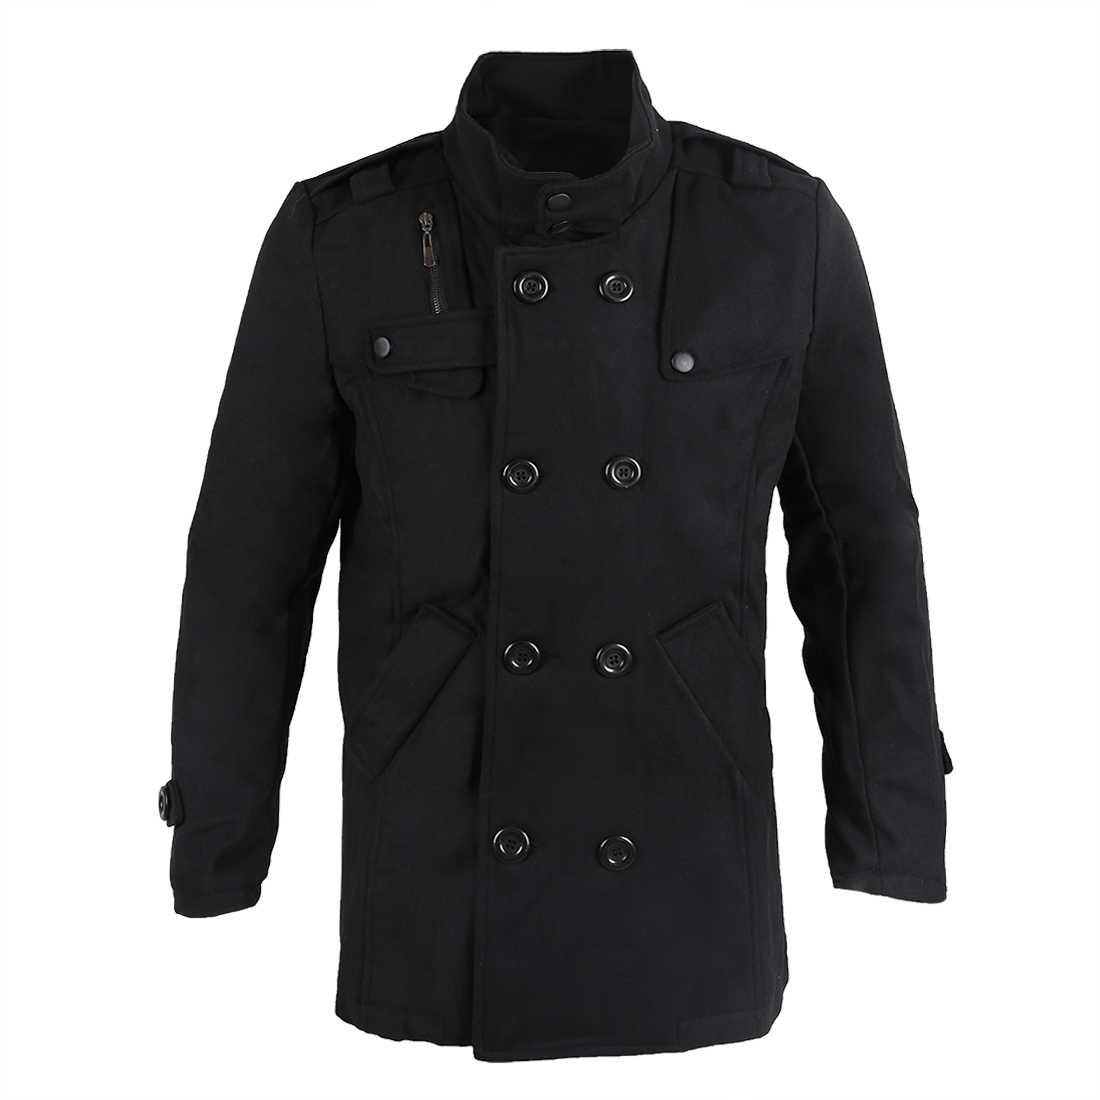 Приталенное длинное пальто, теплое пальто в двойную грудной горошек